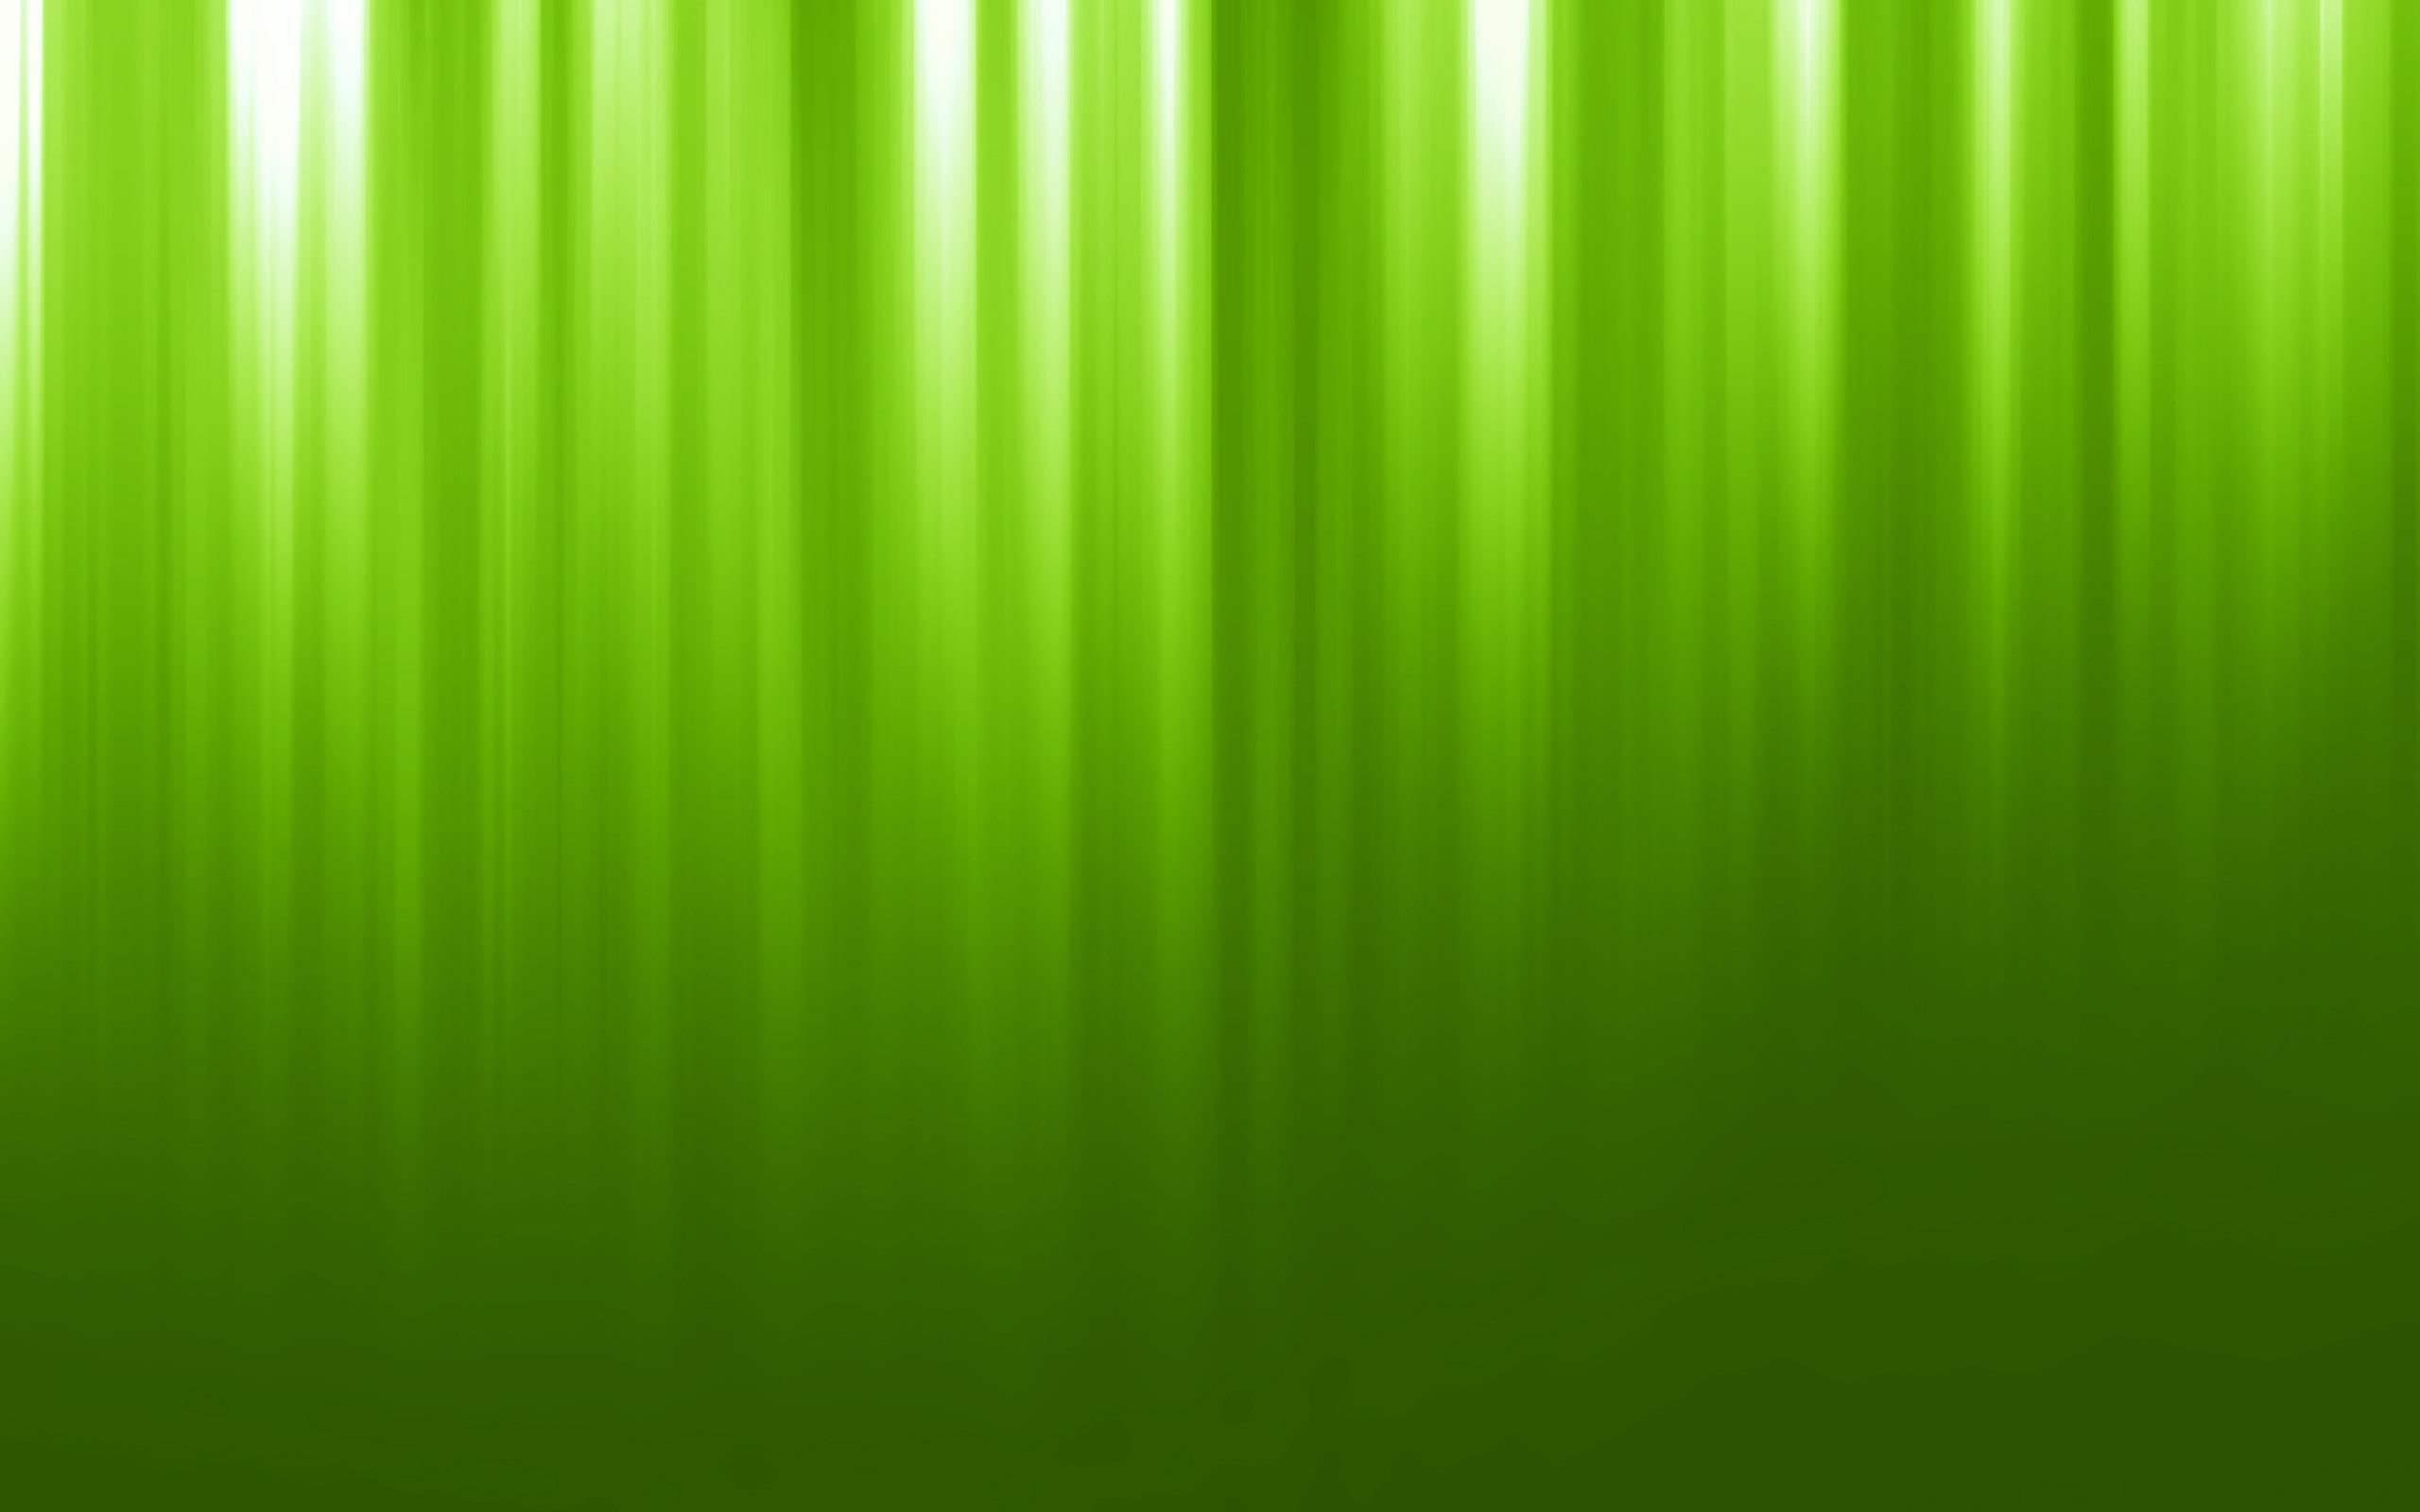 Big Green And Black Wallpaper 11 Cool Wallpaper